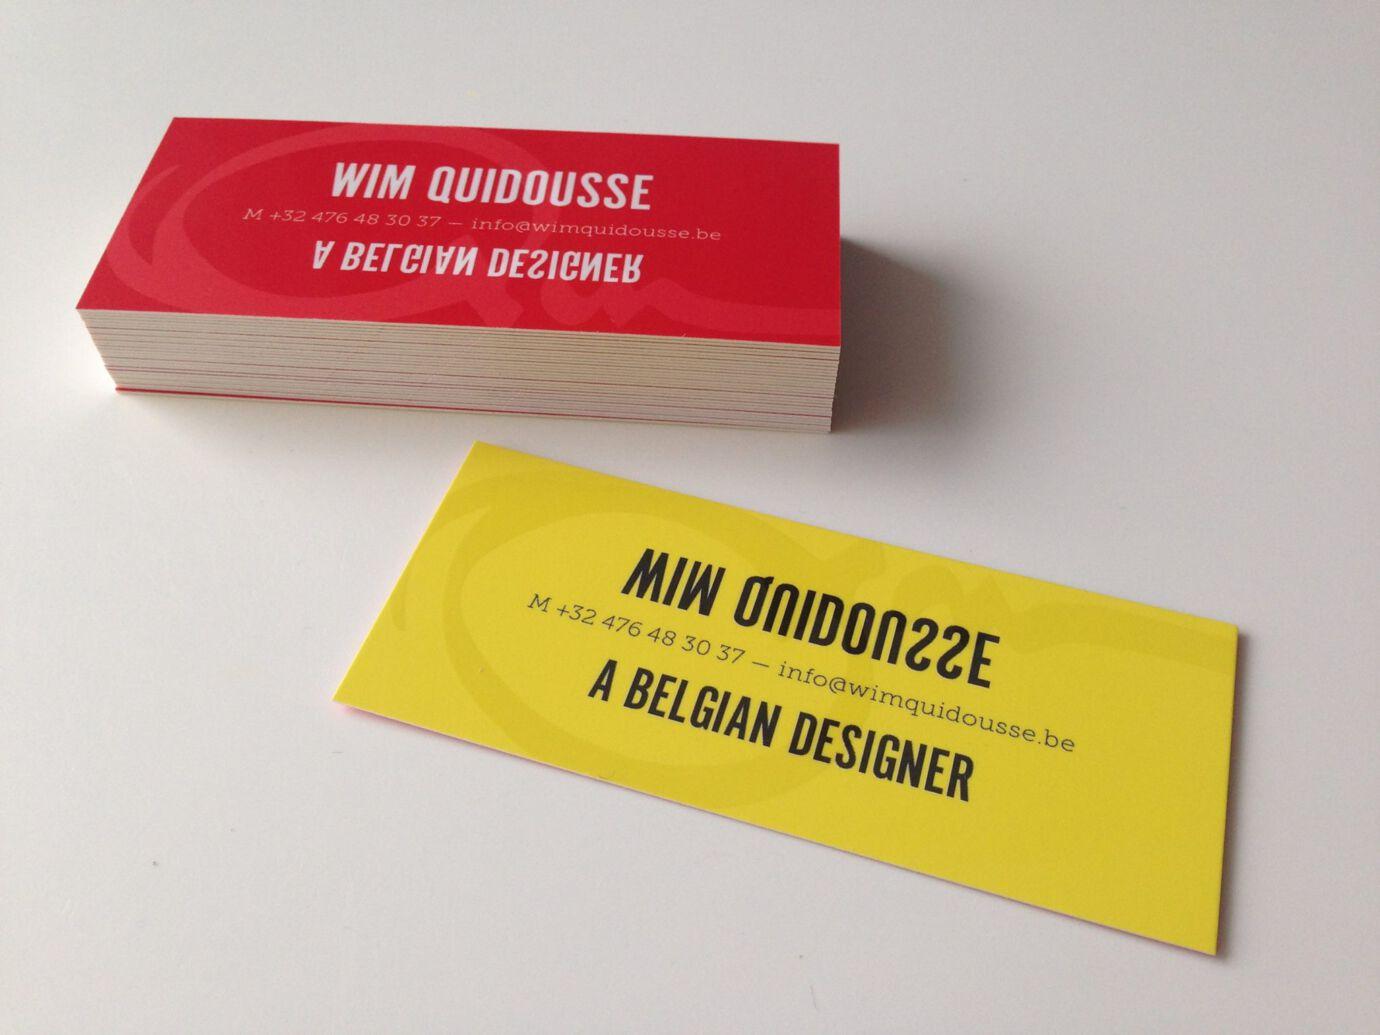 Wim quidousse